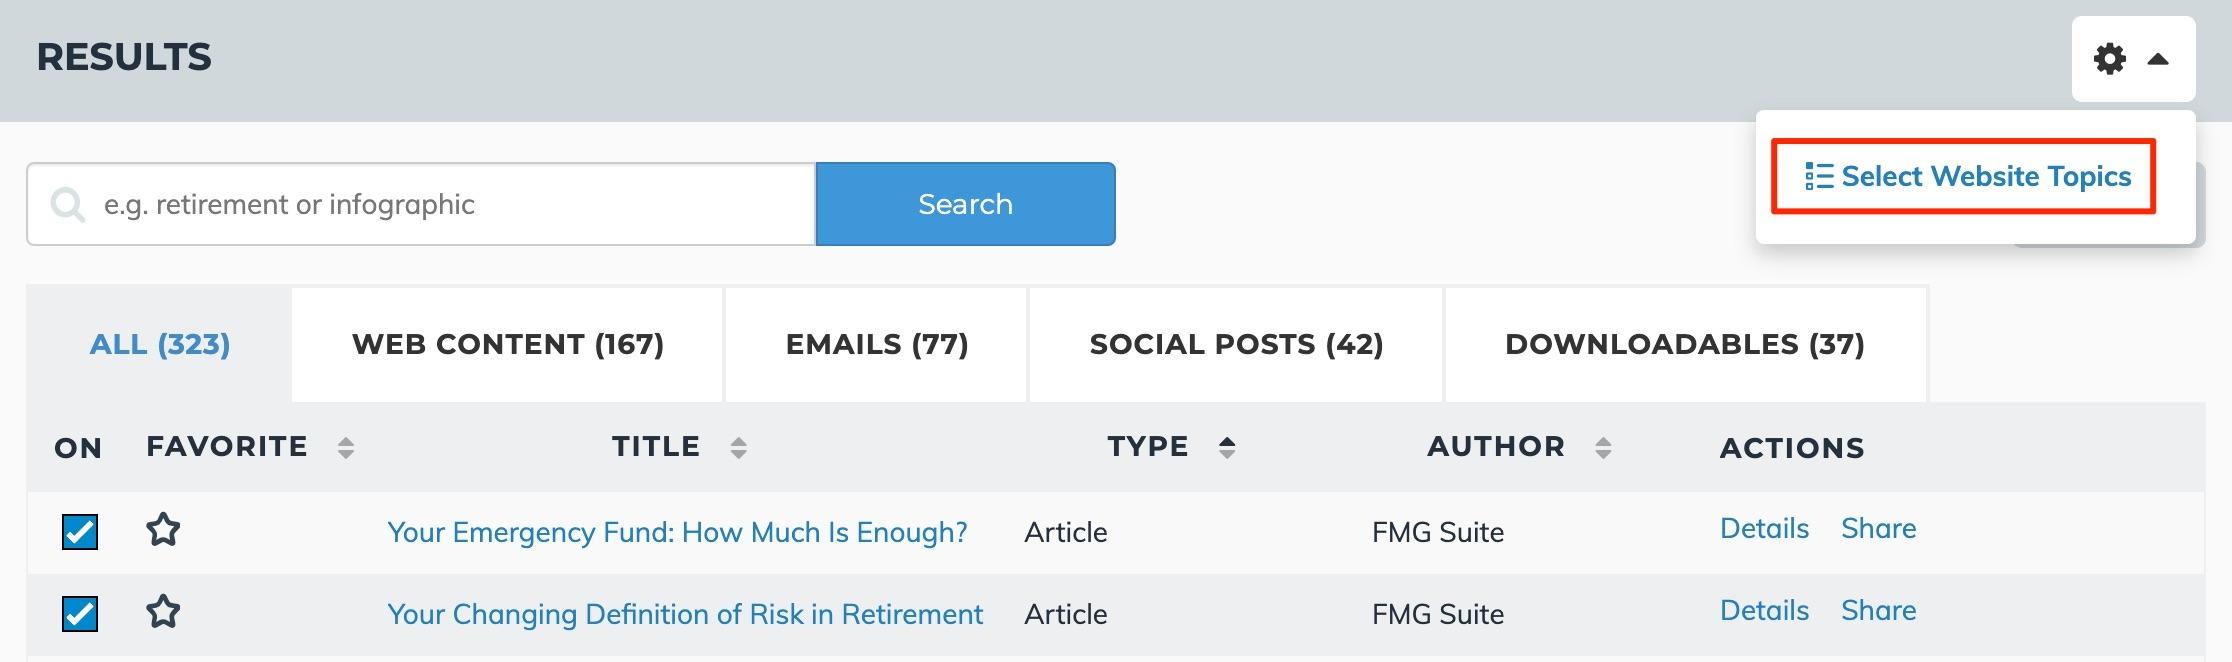 Select Website Topics